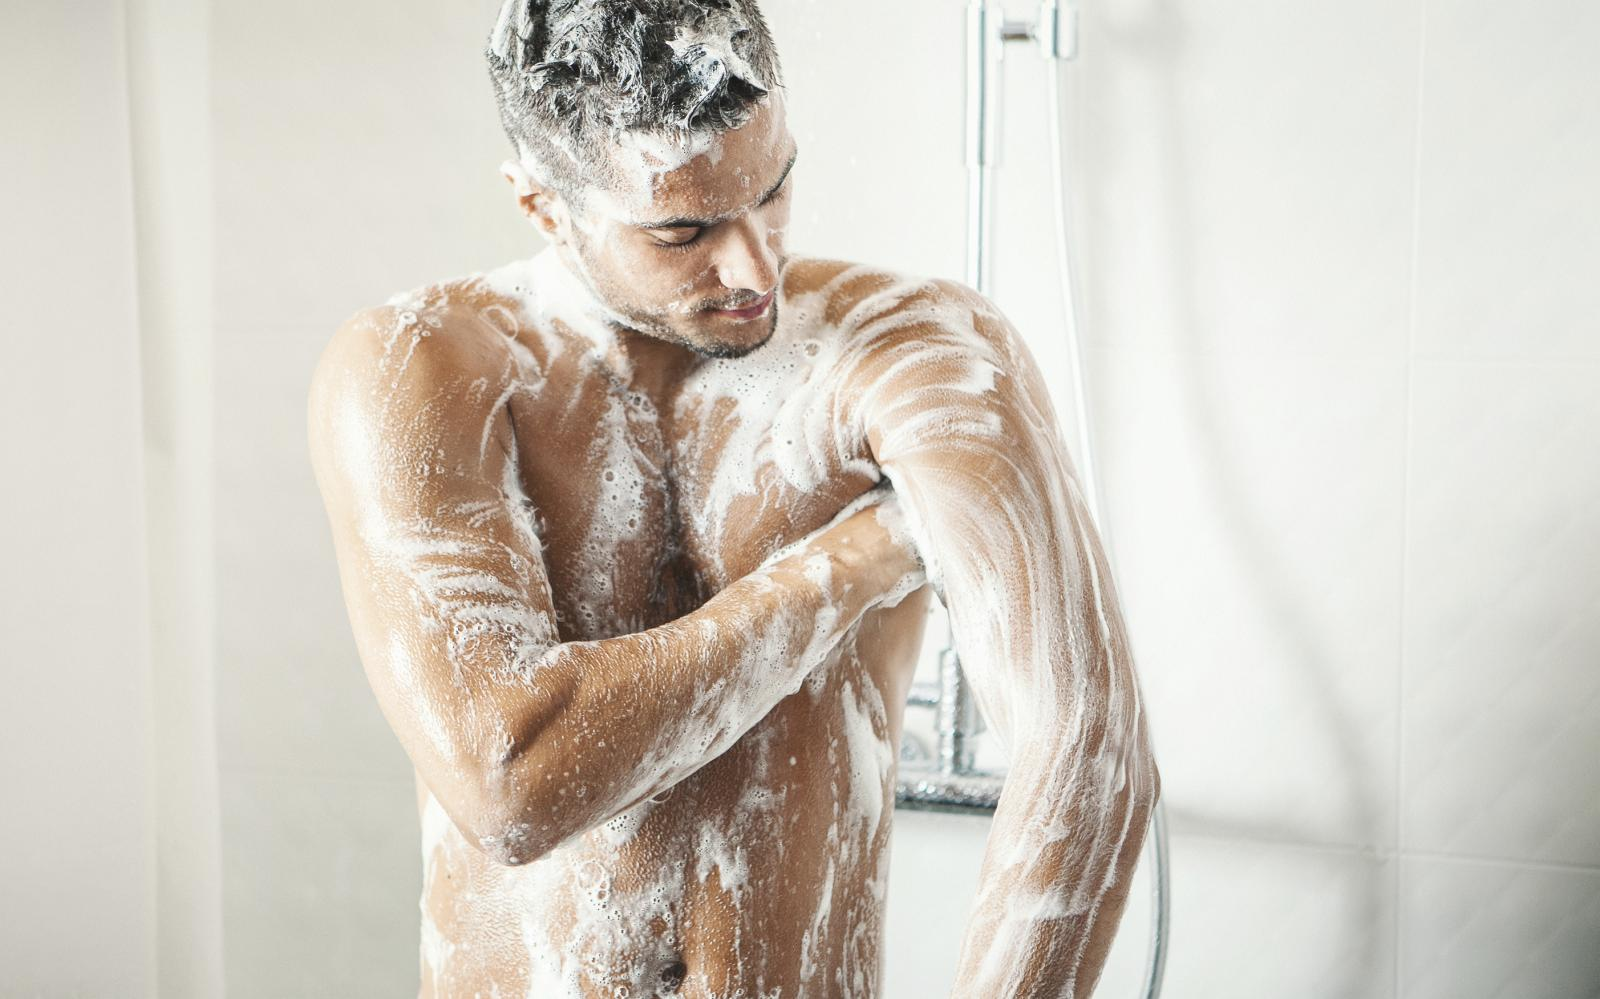 Iako je tuširanje dio vaše dnevne rutine, trebate znati kako vam taj ritual isušuje kožu na pojedinim mjestima...